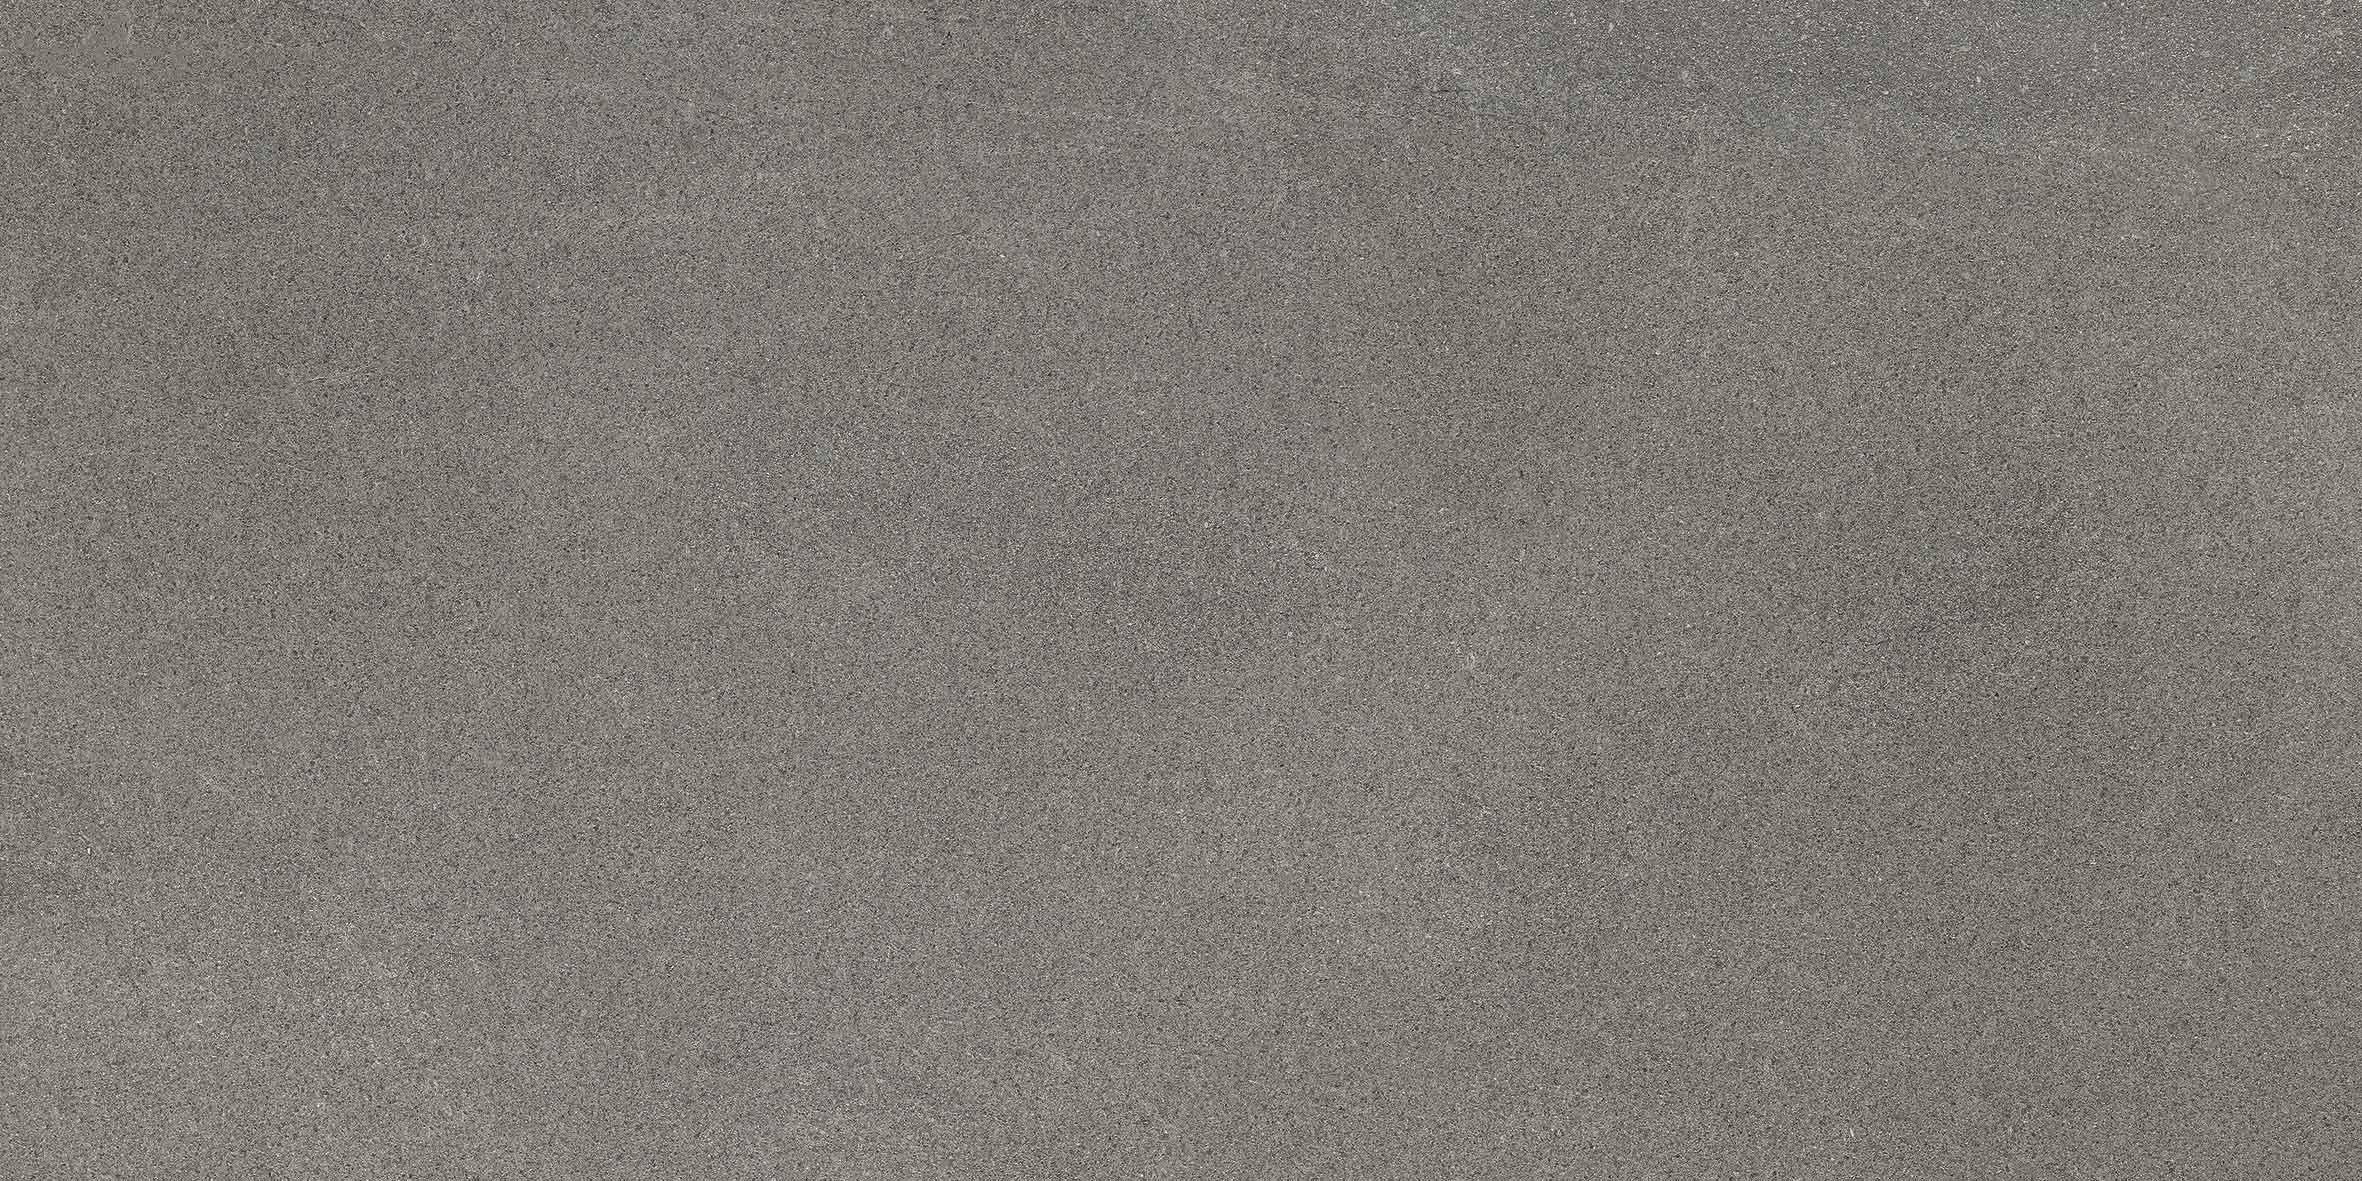 Airtech New York Light Grey Matte 10mm 60 x 120